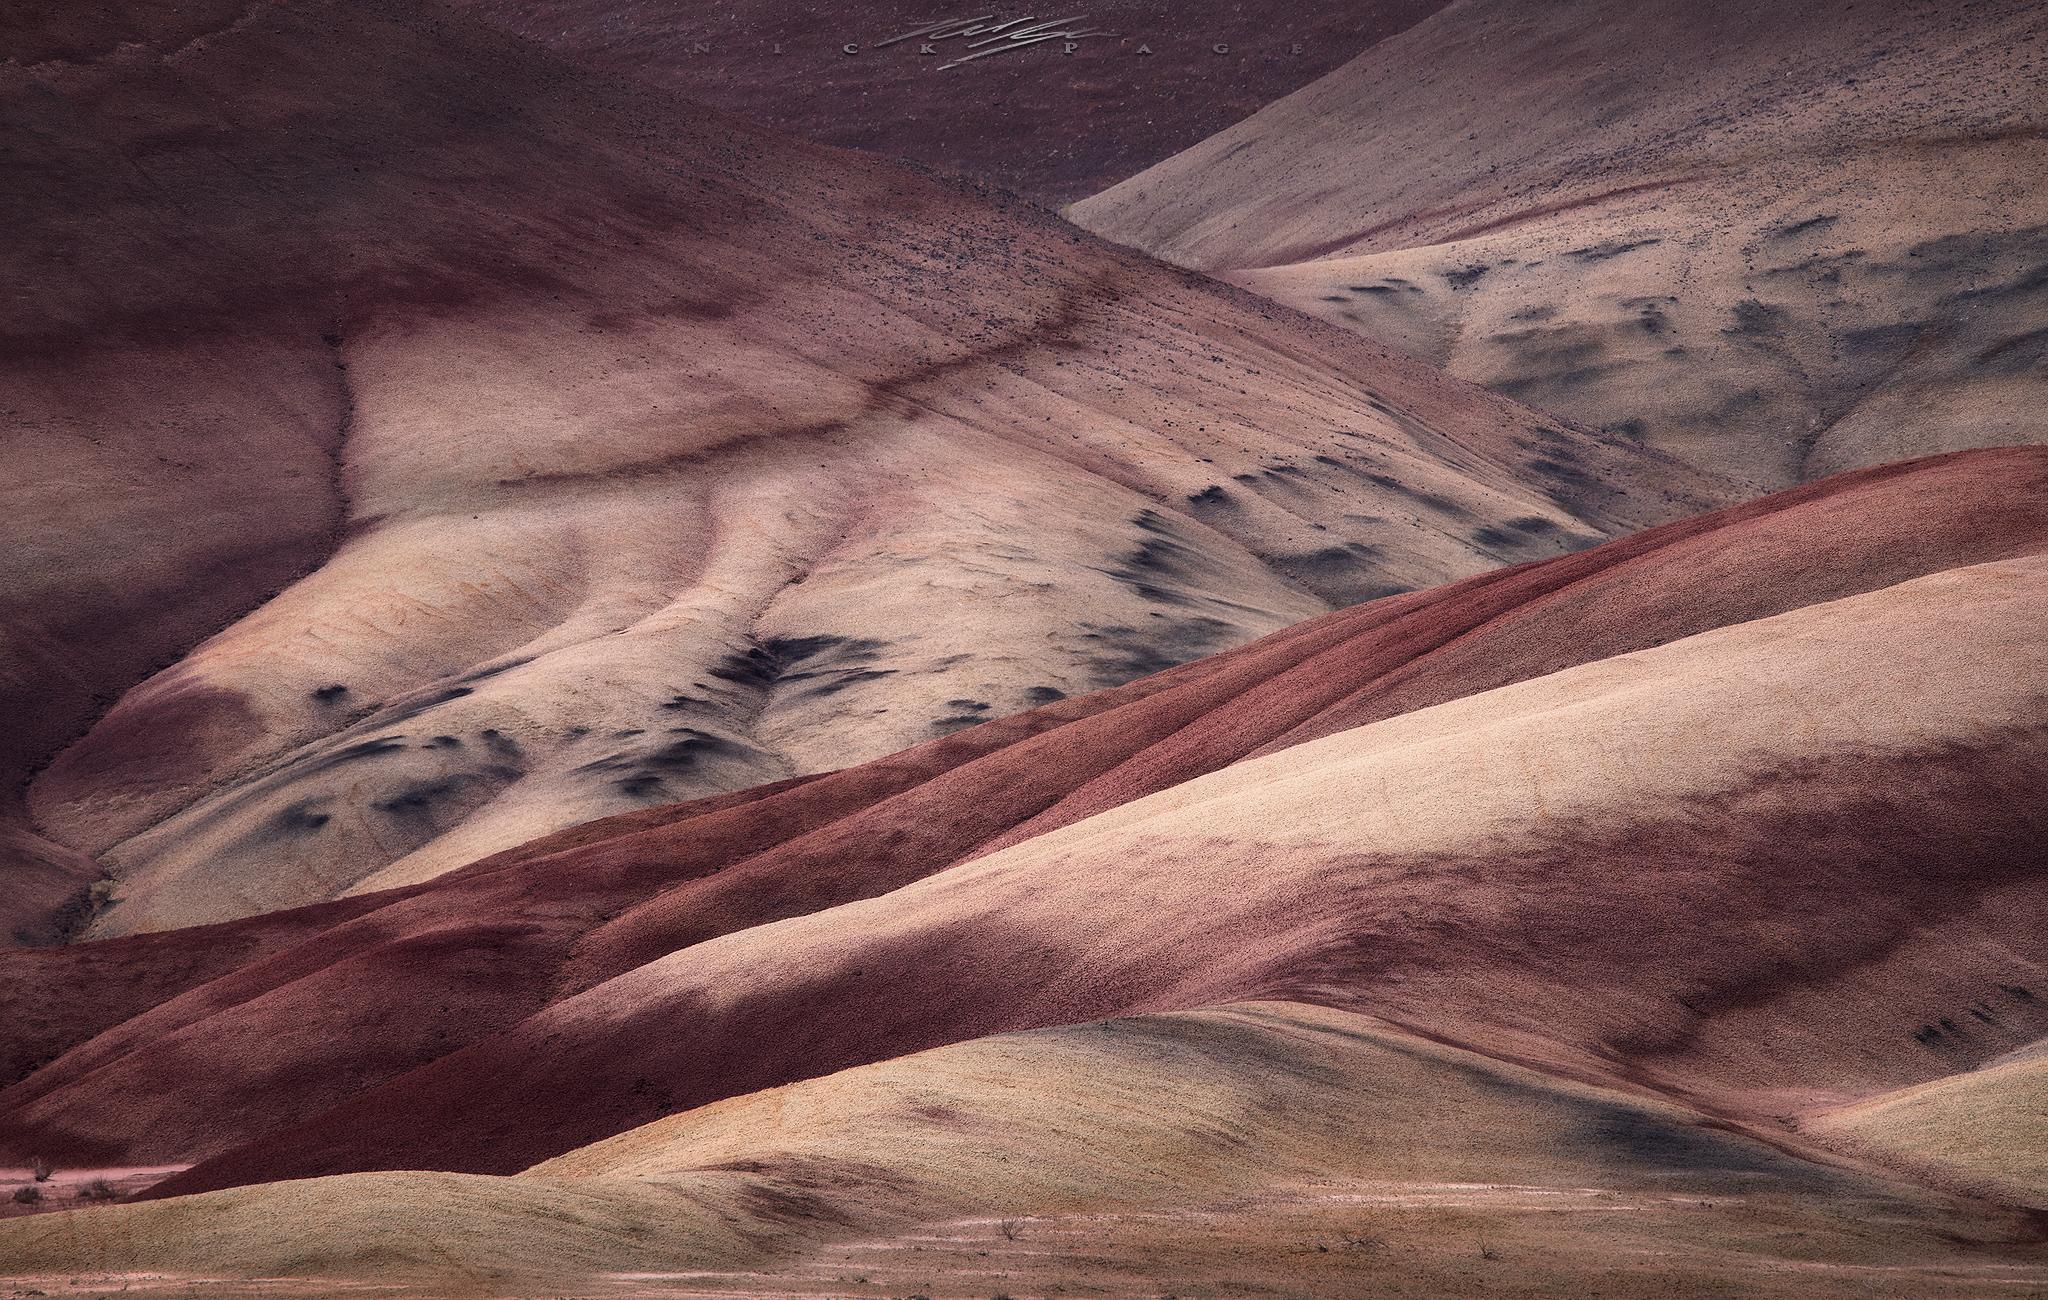 alien-landscape.jpg